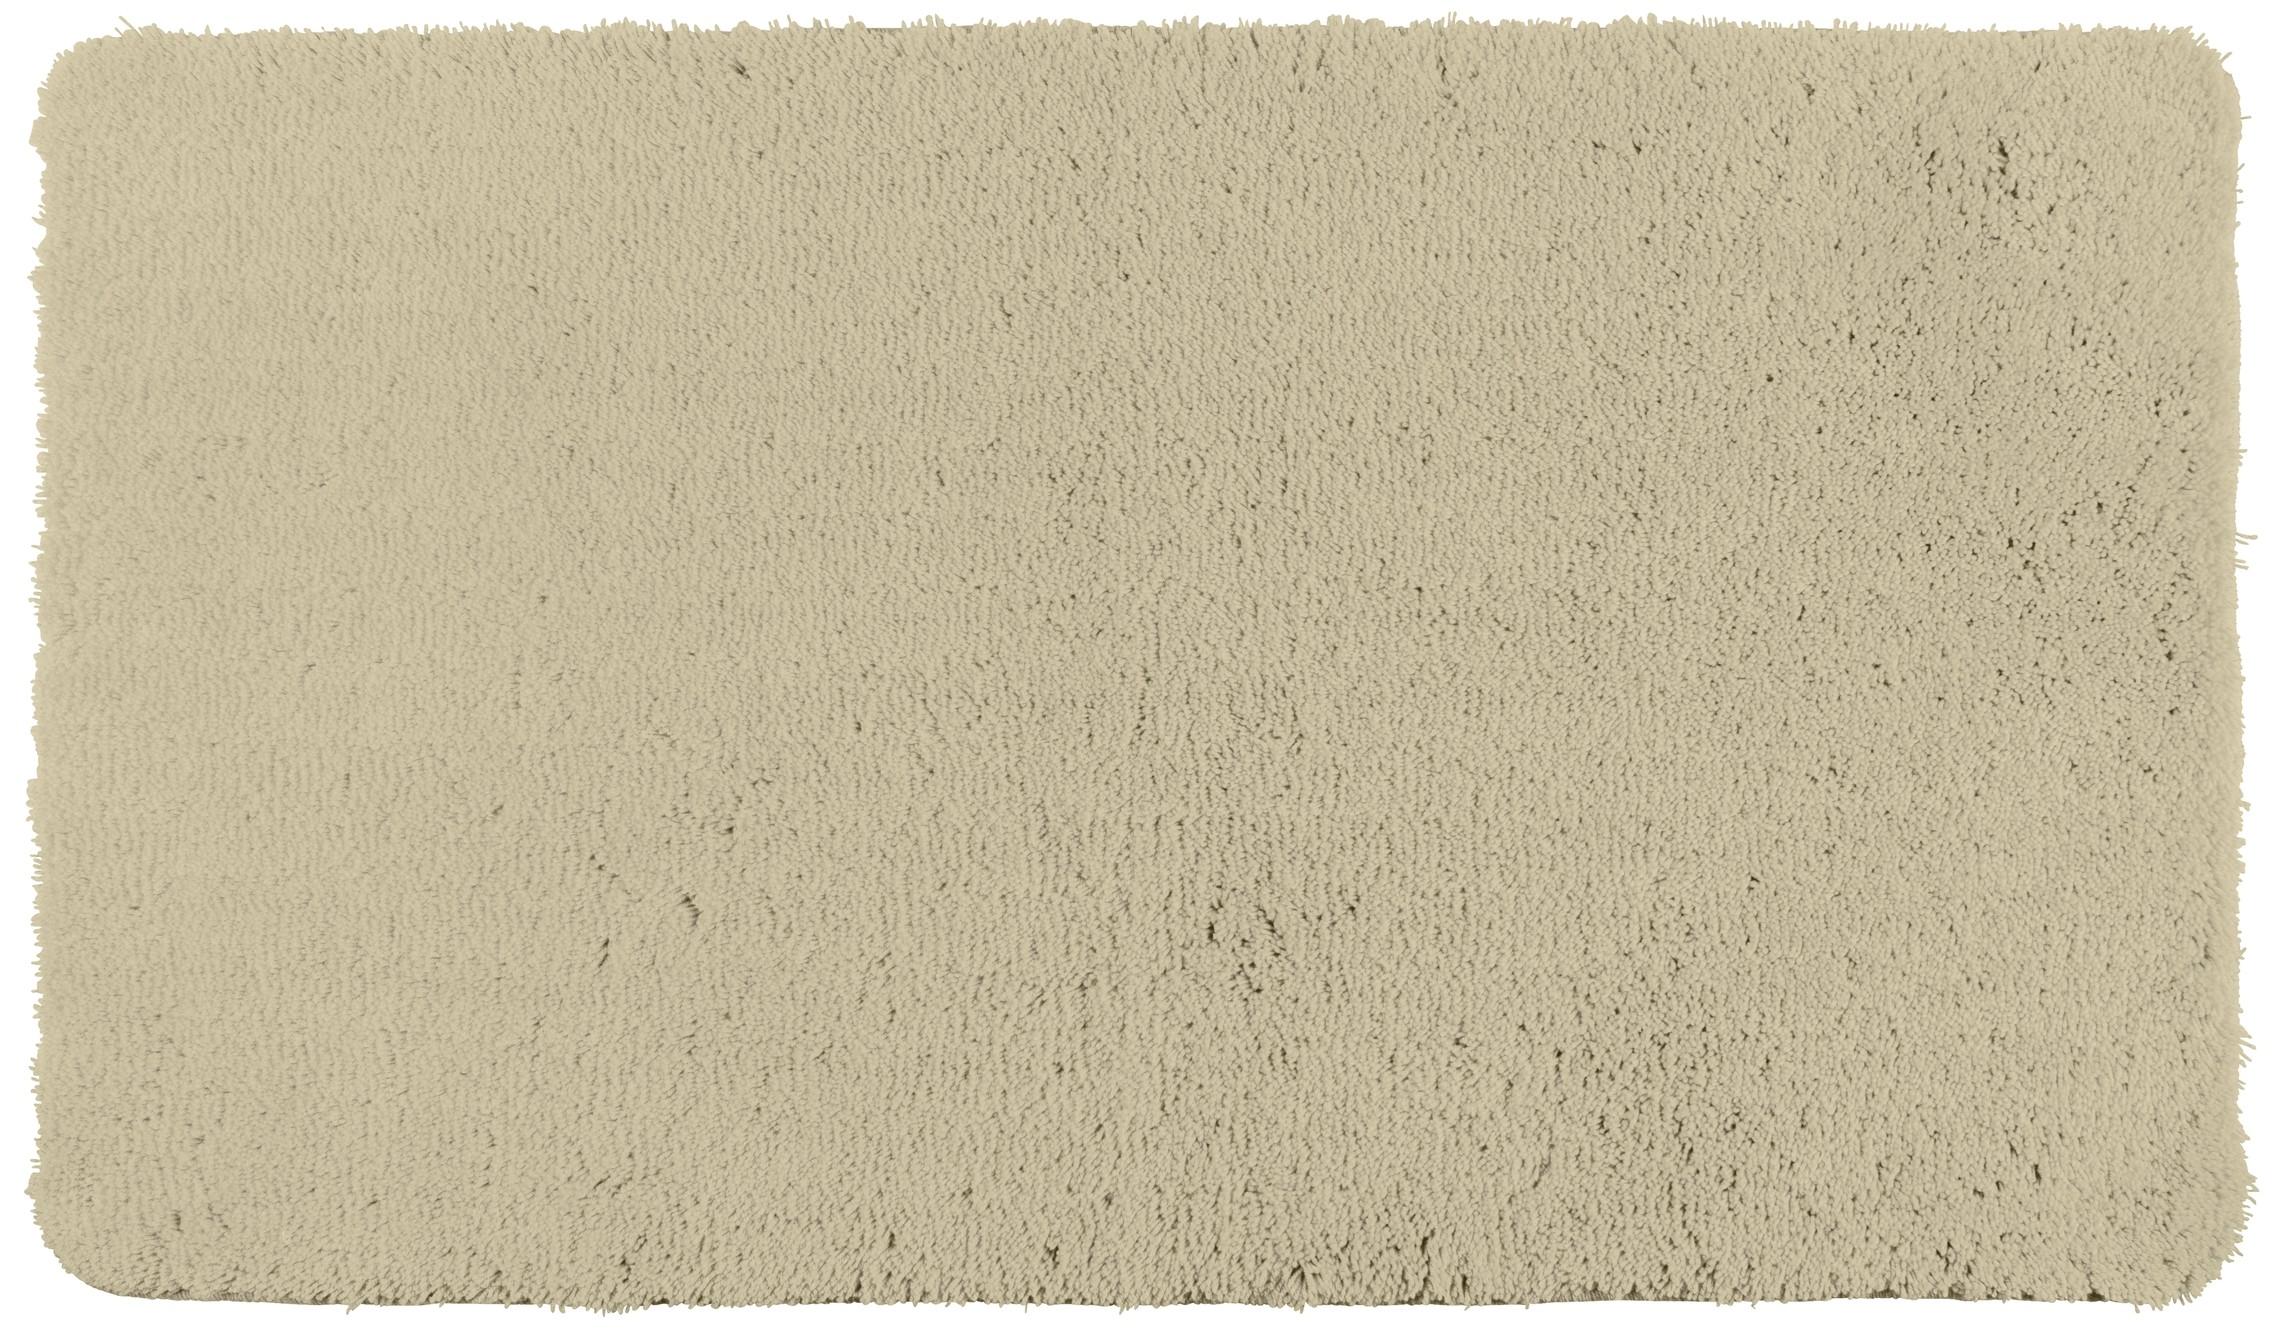 Wenko Badteppich Belize Sand, 70 x 120 cm, Mikrofaser